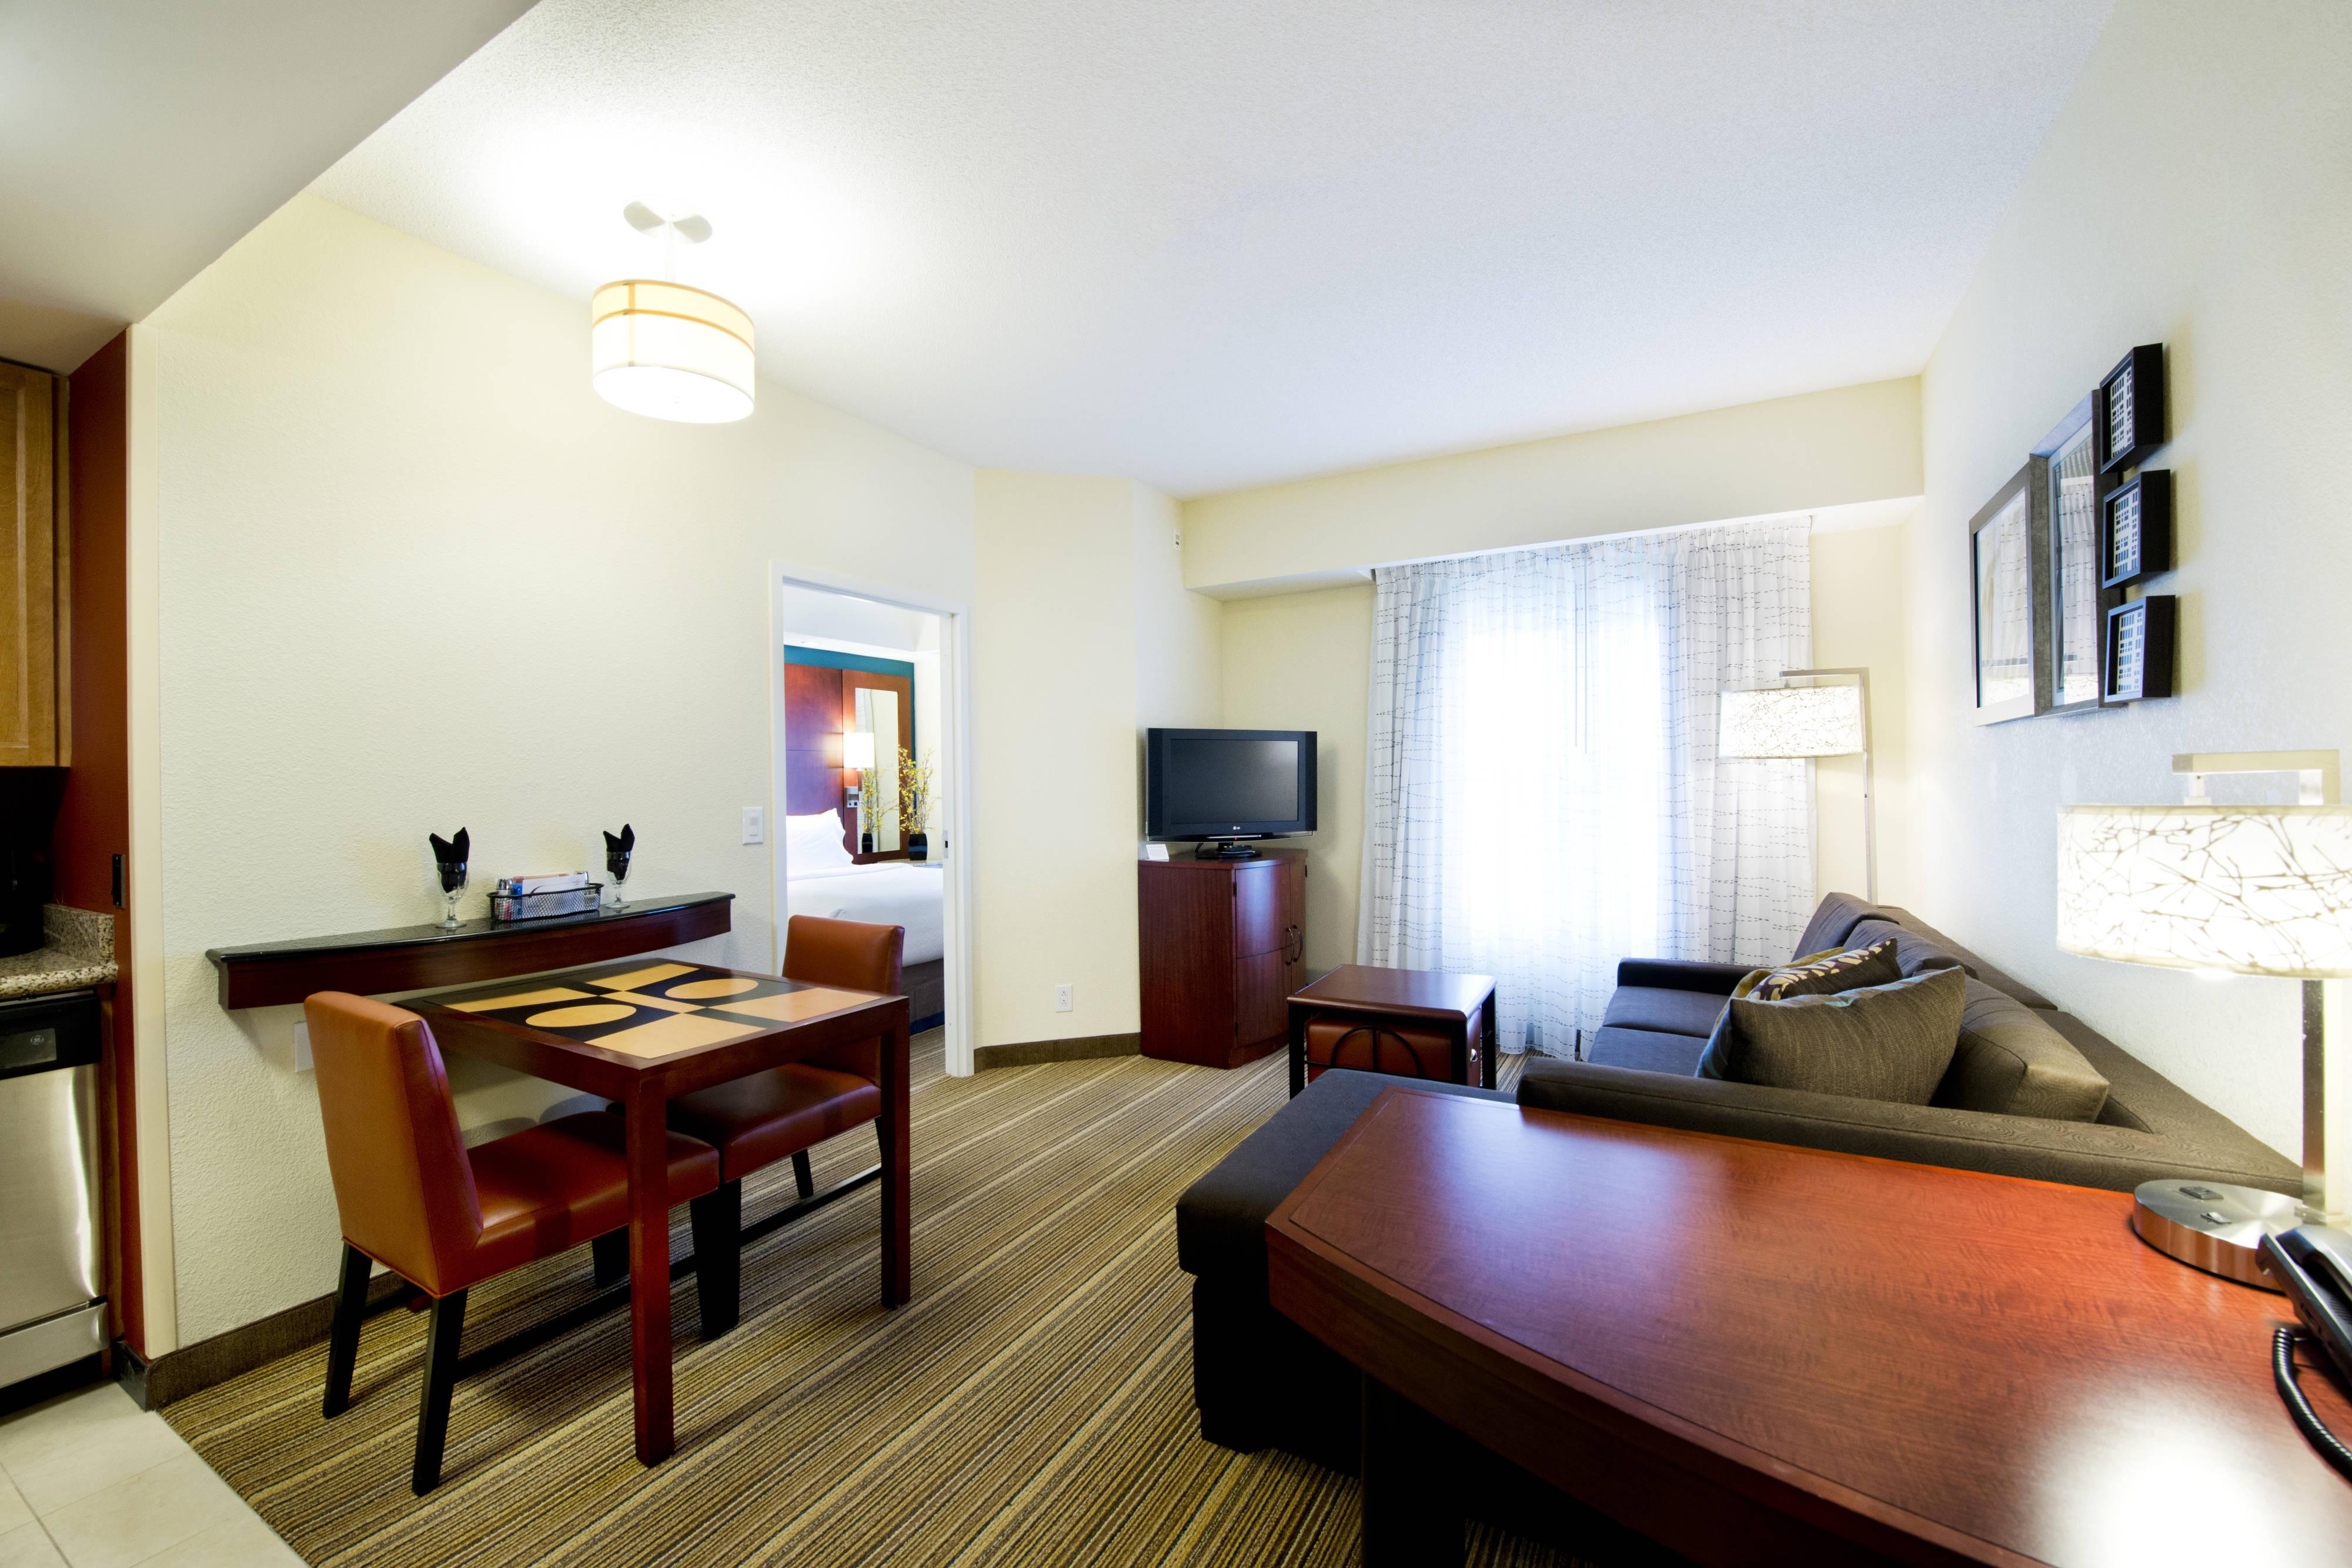 aaa hardwood flooring etobicoke of residence inn toronto vaughan hotels vaughan ontario hotels intended for 1 bedroom suite